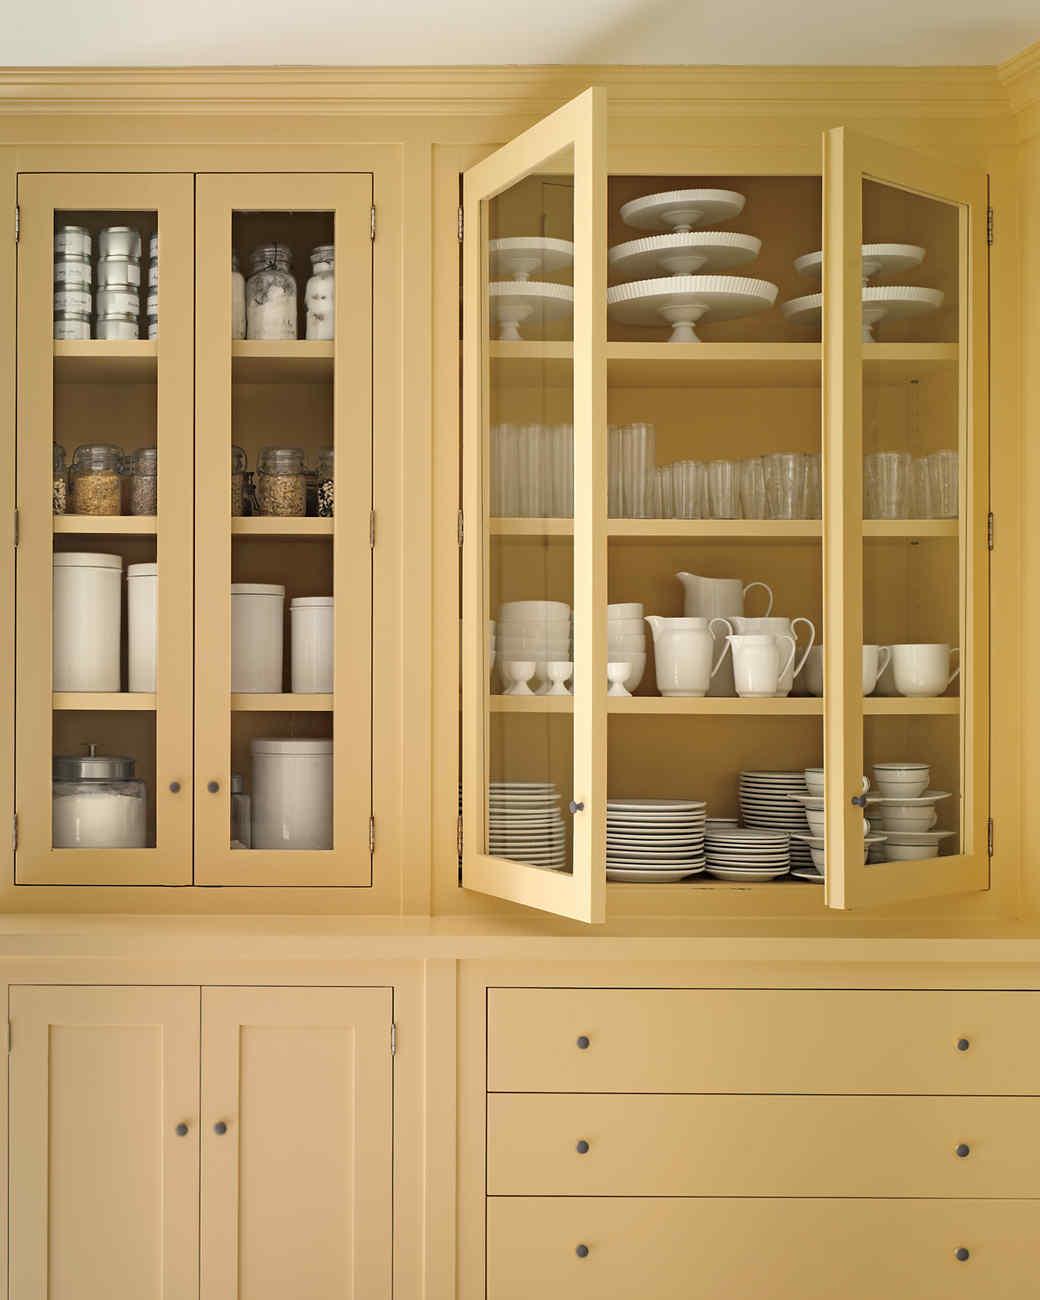 marthas-kitchen-cupboards-mld107949.jpg